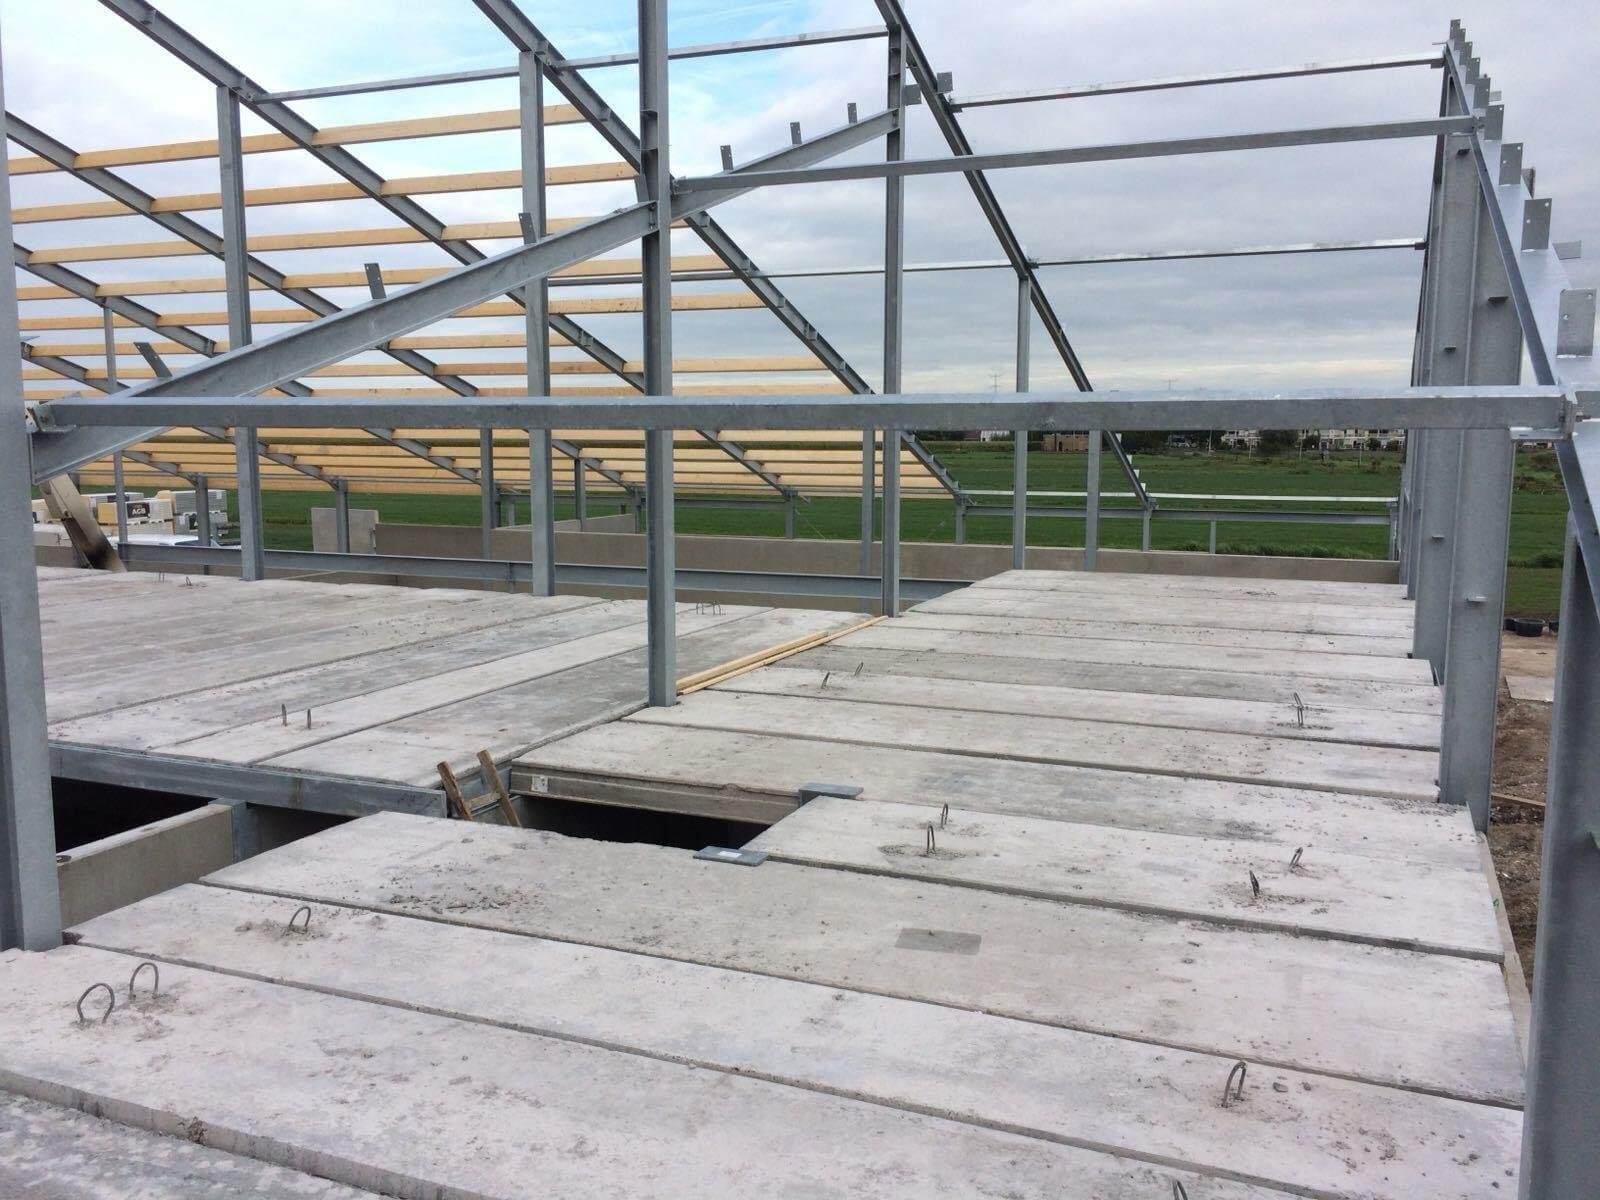 200 mm kanaalplaatvloeren uitgeleverd door Building Supply voor een ligboxenstal in Krimpen a/d Lek